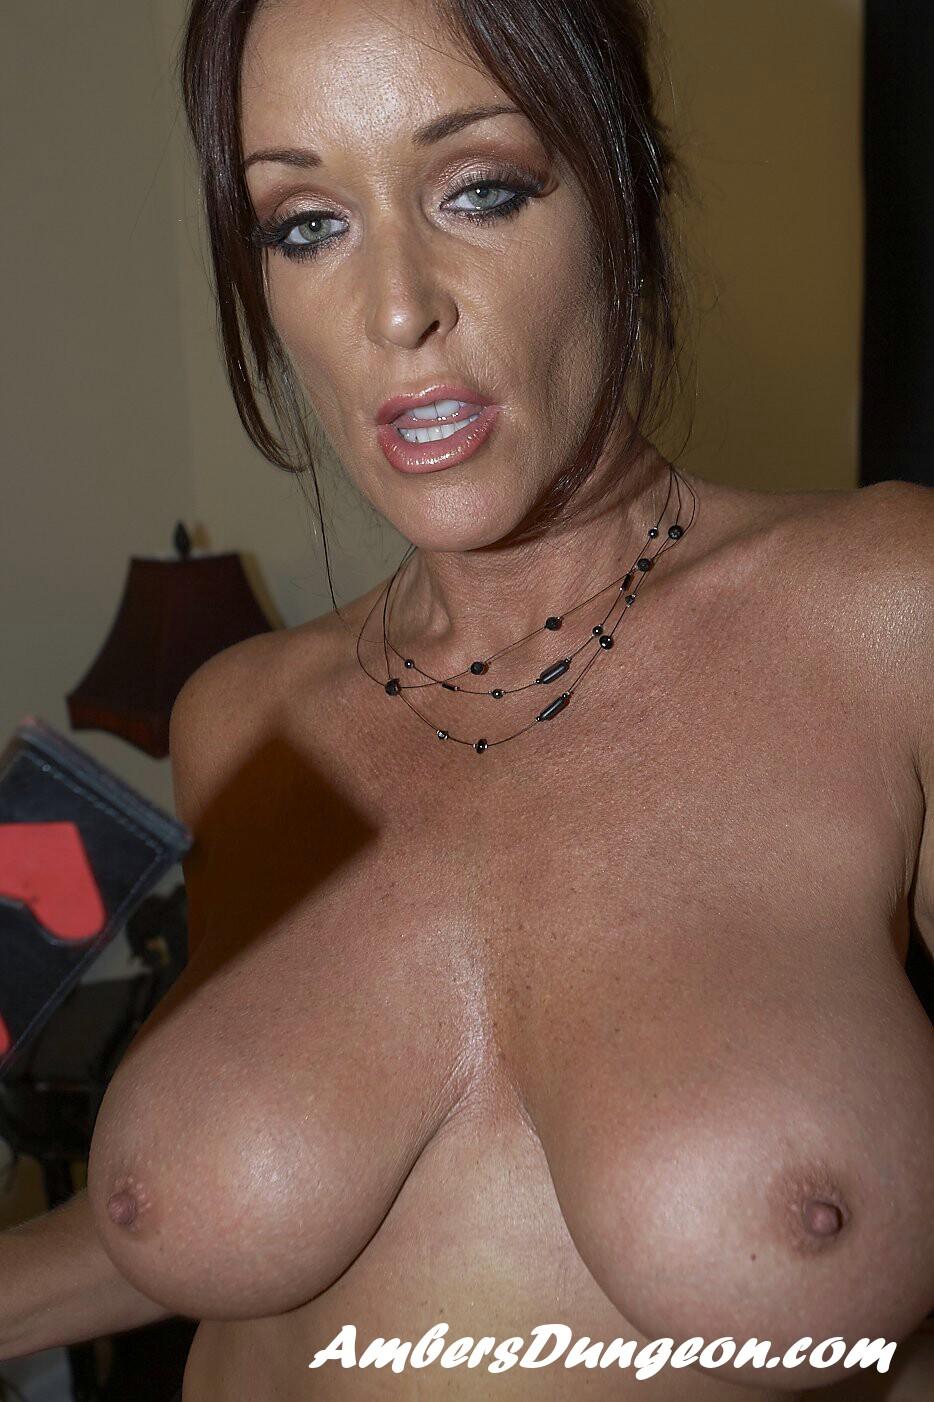 Рейчел стил в порно 18 фотография